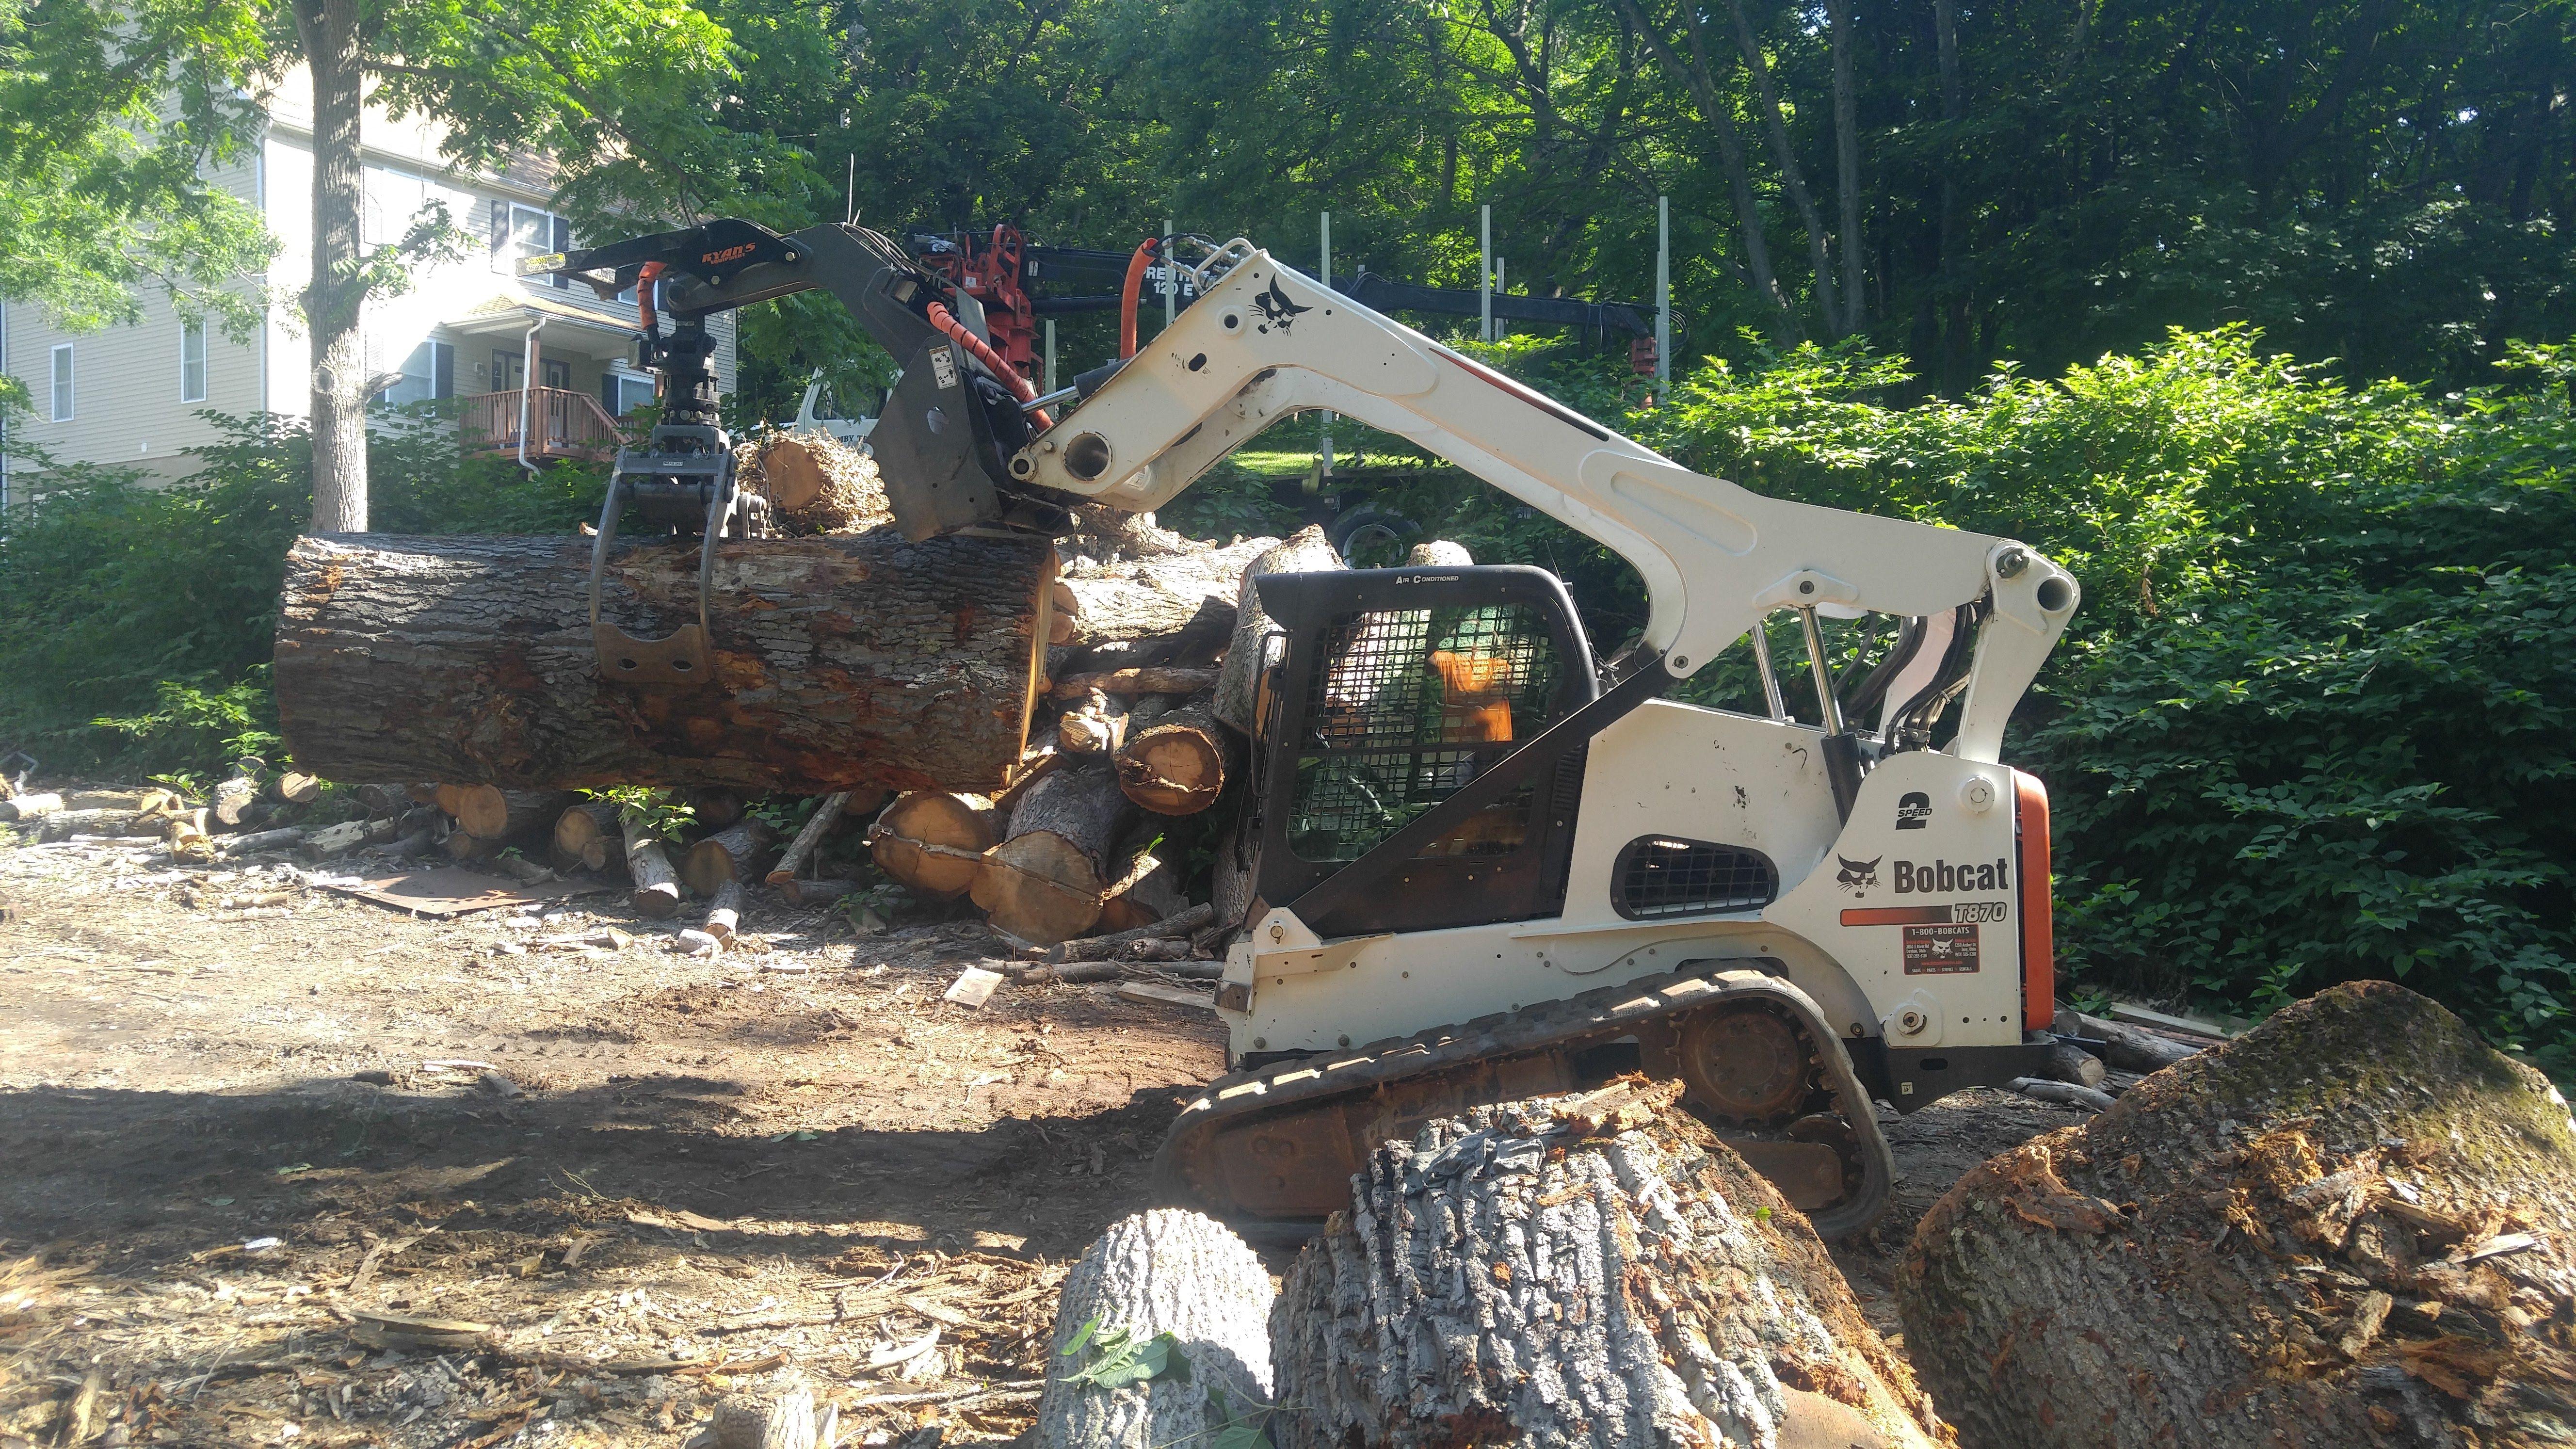 Pin By Hamby Tree Experts On Hamby Tree Experts Tree Experts Tree Removal Tree Pruning